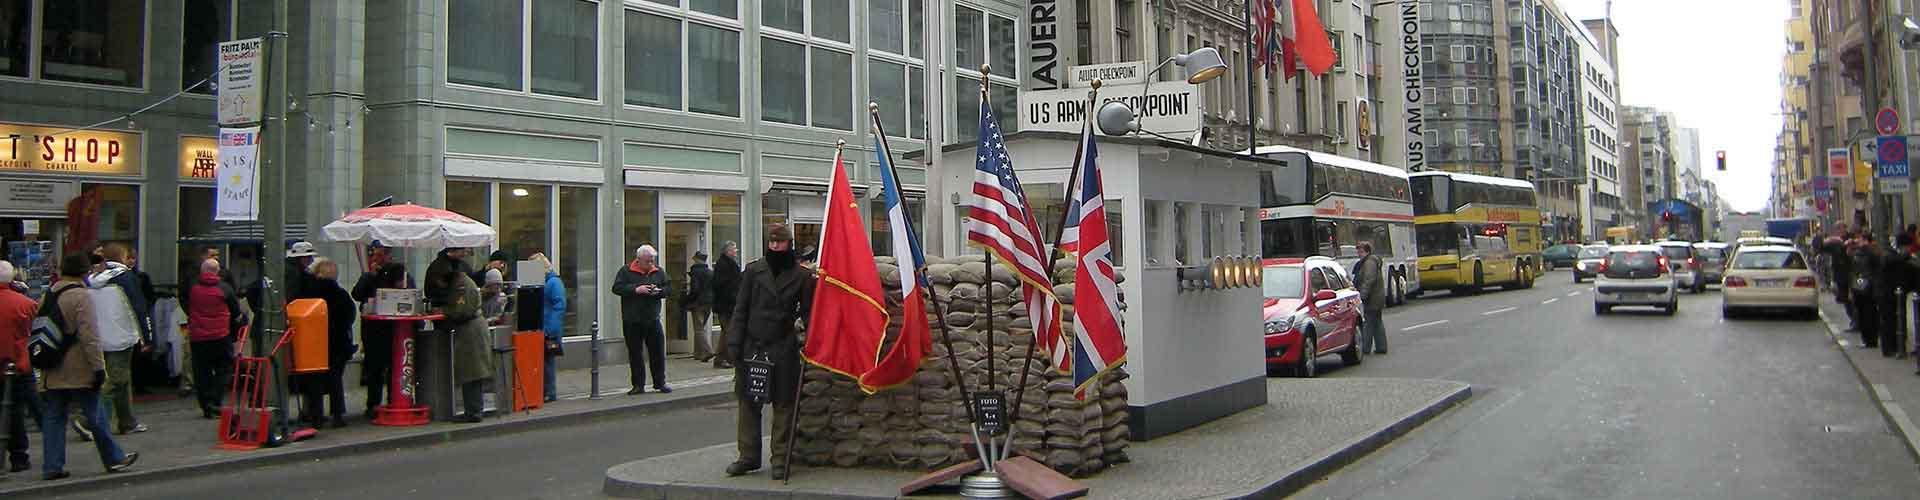 베를린 - 체크 포인트 찰리에 가까운 캠핑장. 베를린의 지도, 베를린에 위치한 캠핑장에 대한 사진 및 리뷰.